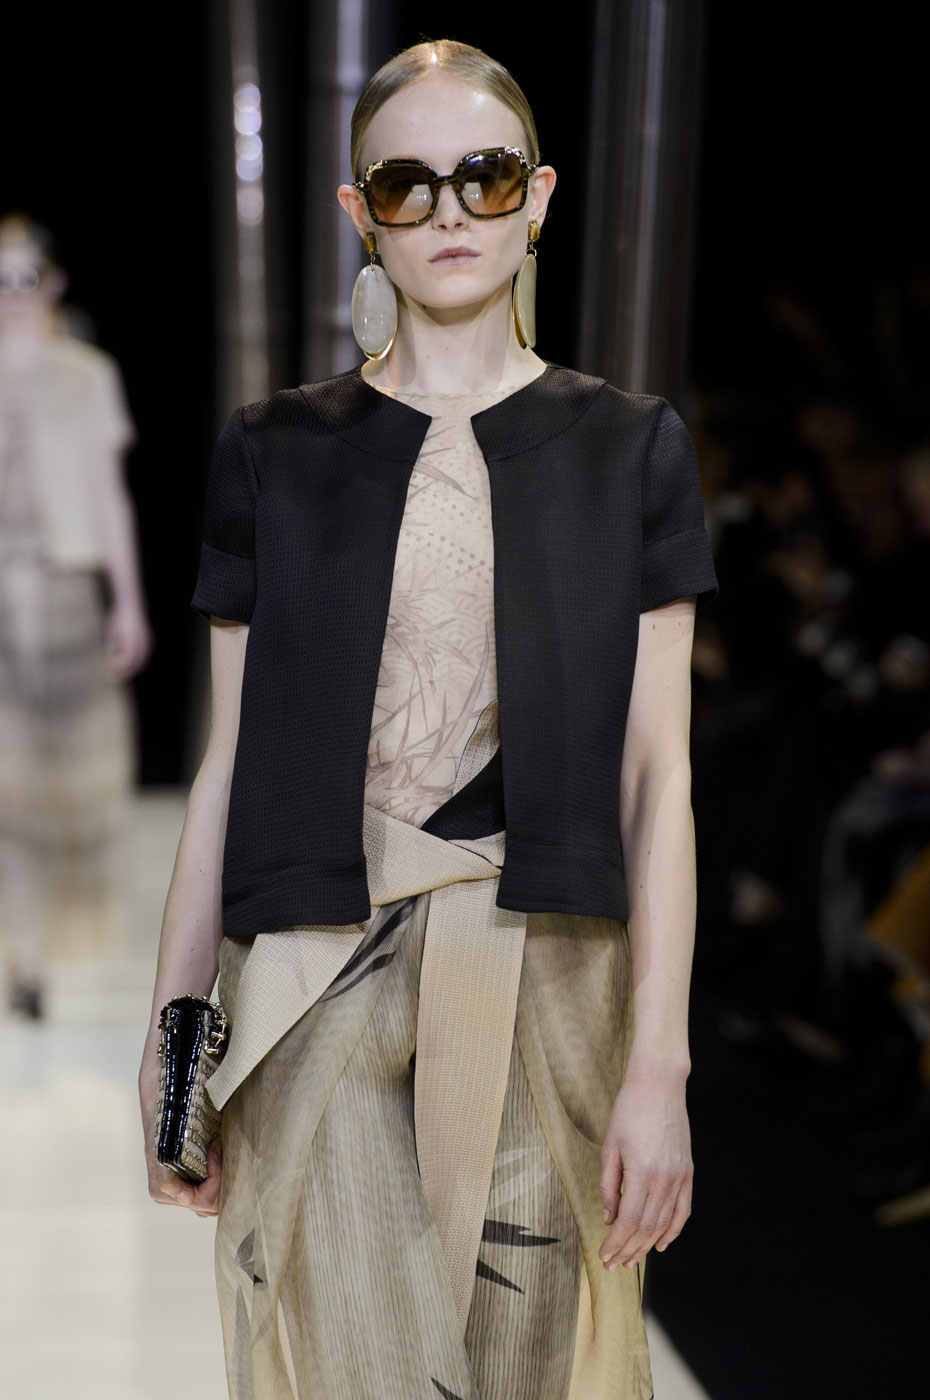 Giorgio-armani-Prive-fashion-runway-show-haute-couture-paris-spring-2015-the-impression-022